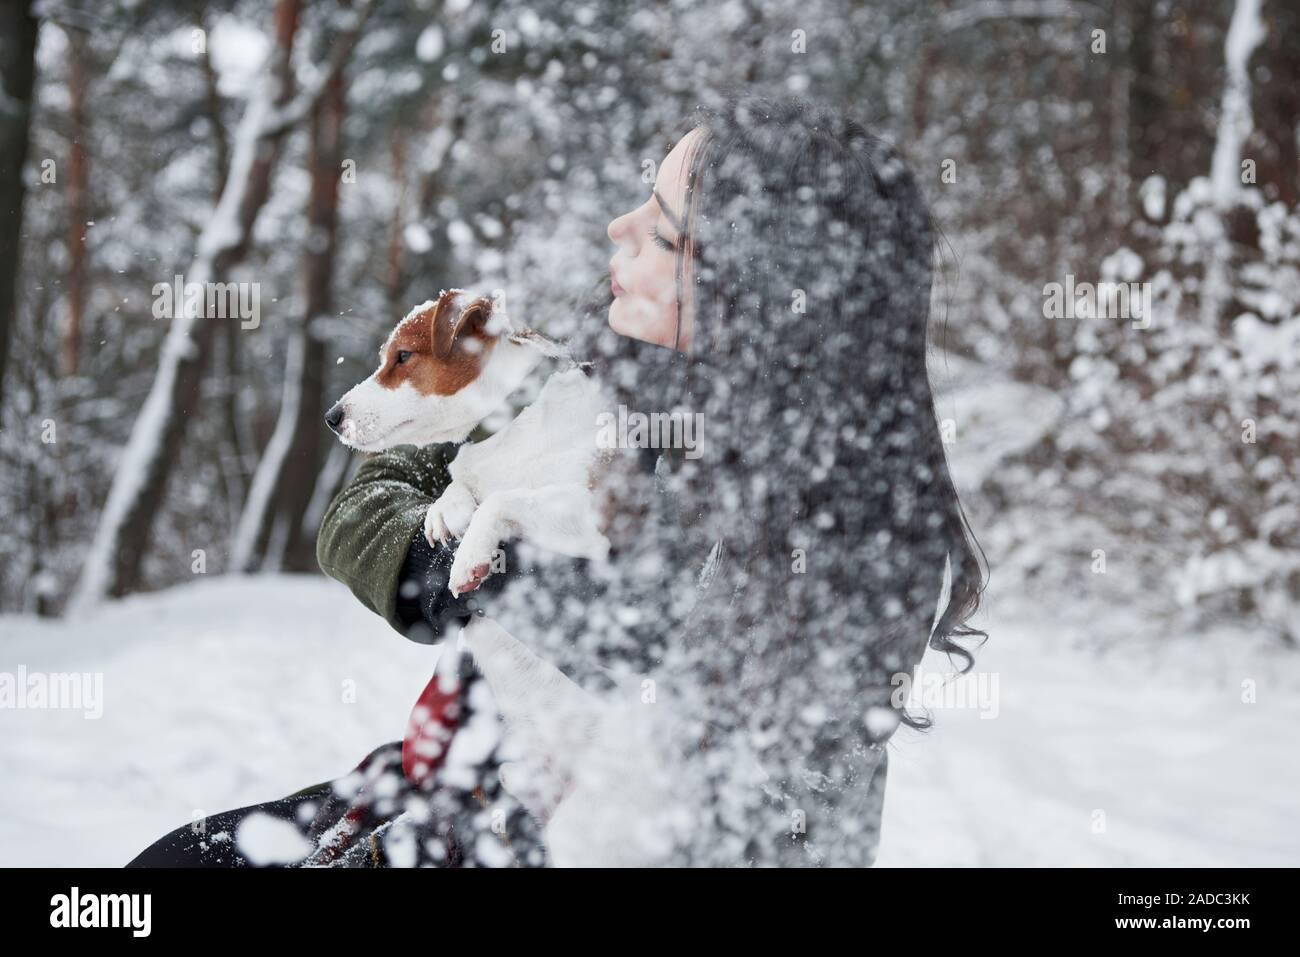 Es nieve. Morena sonriente divertirse paseando con su perro en el Winter Park Foto de stock